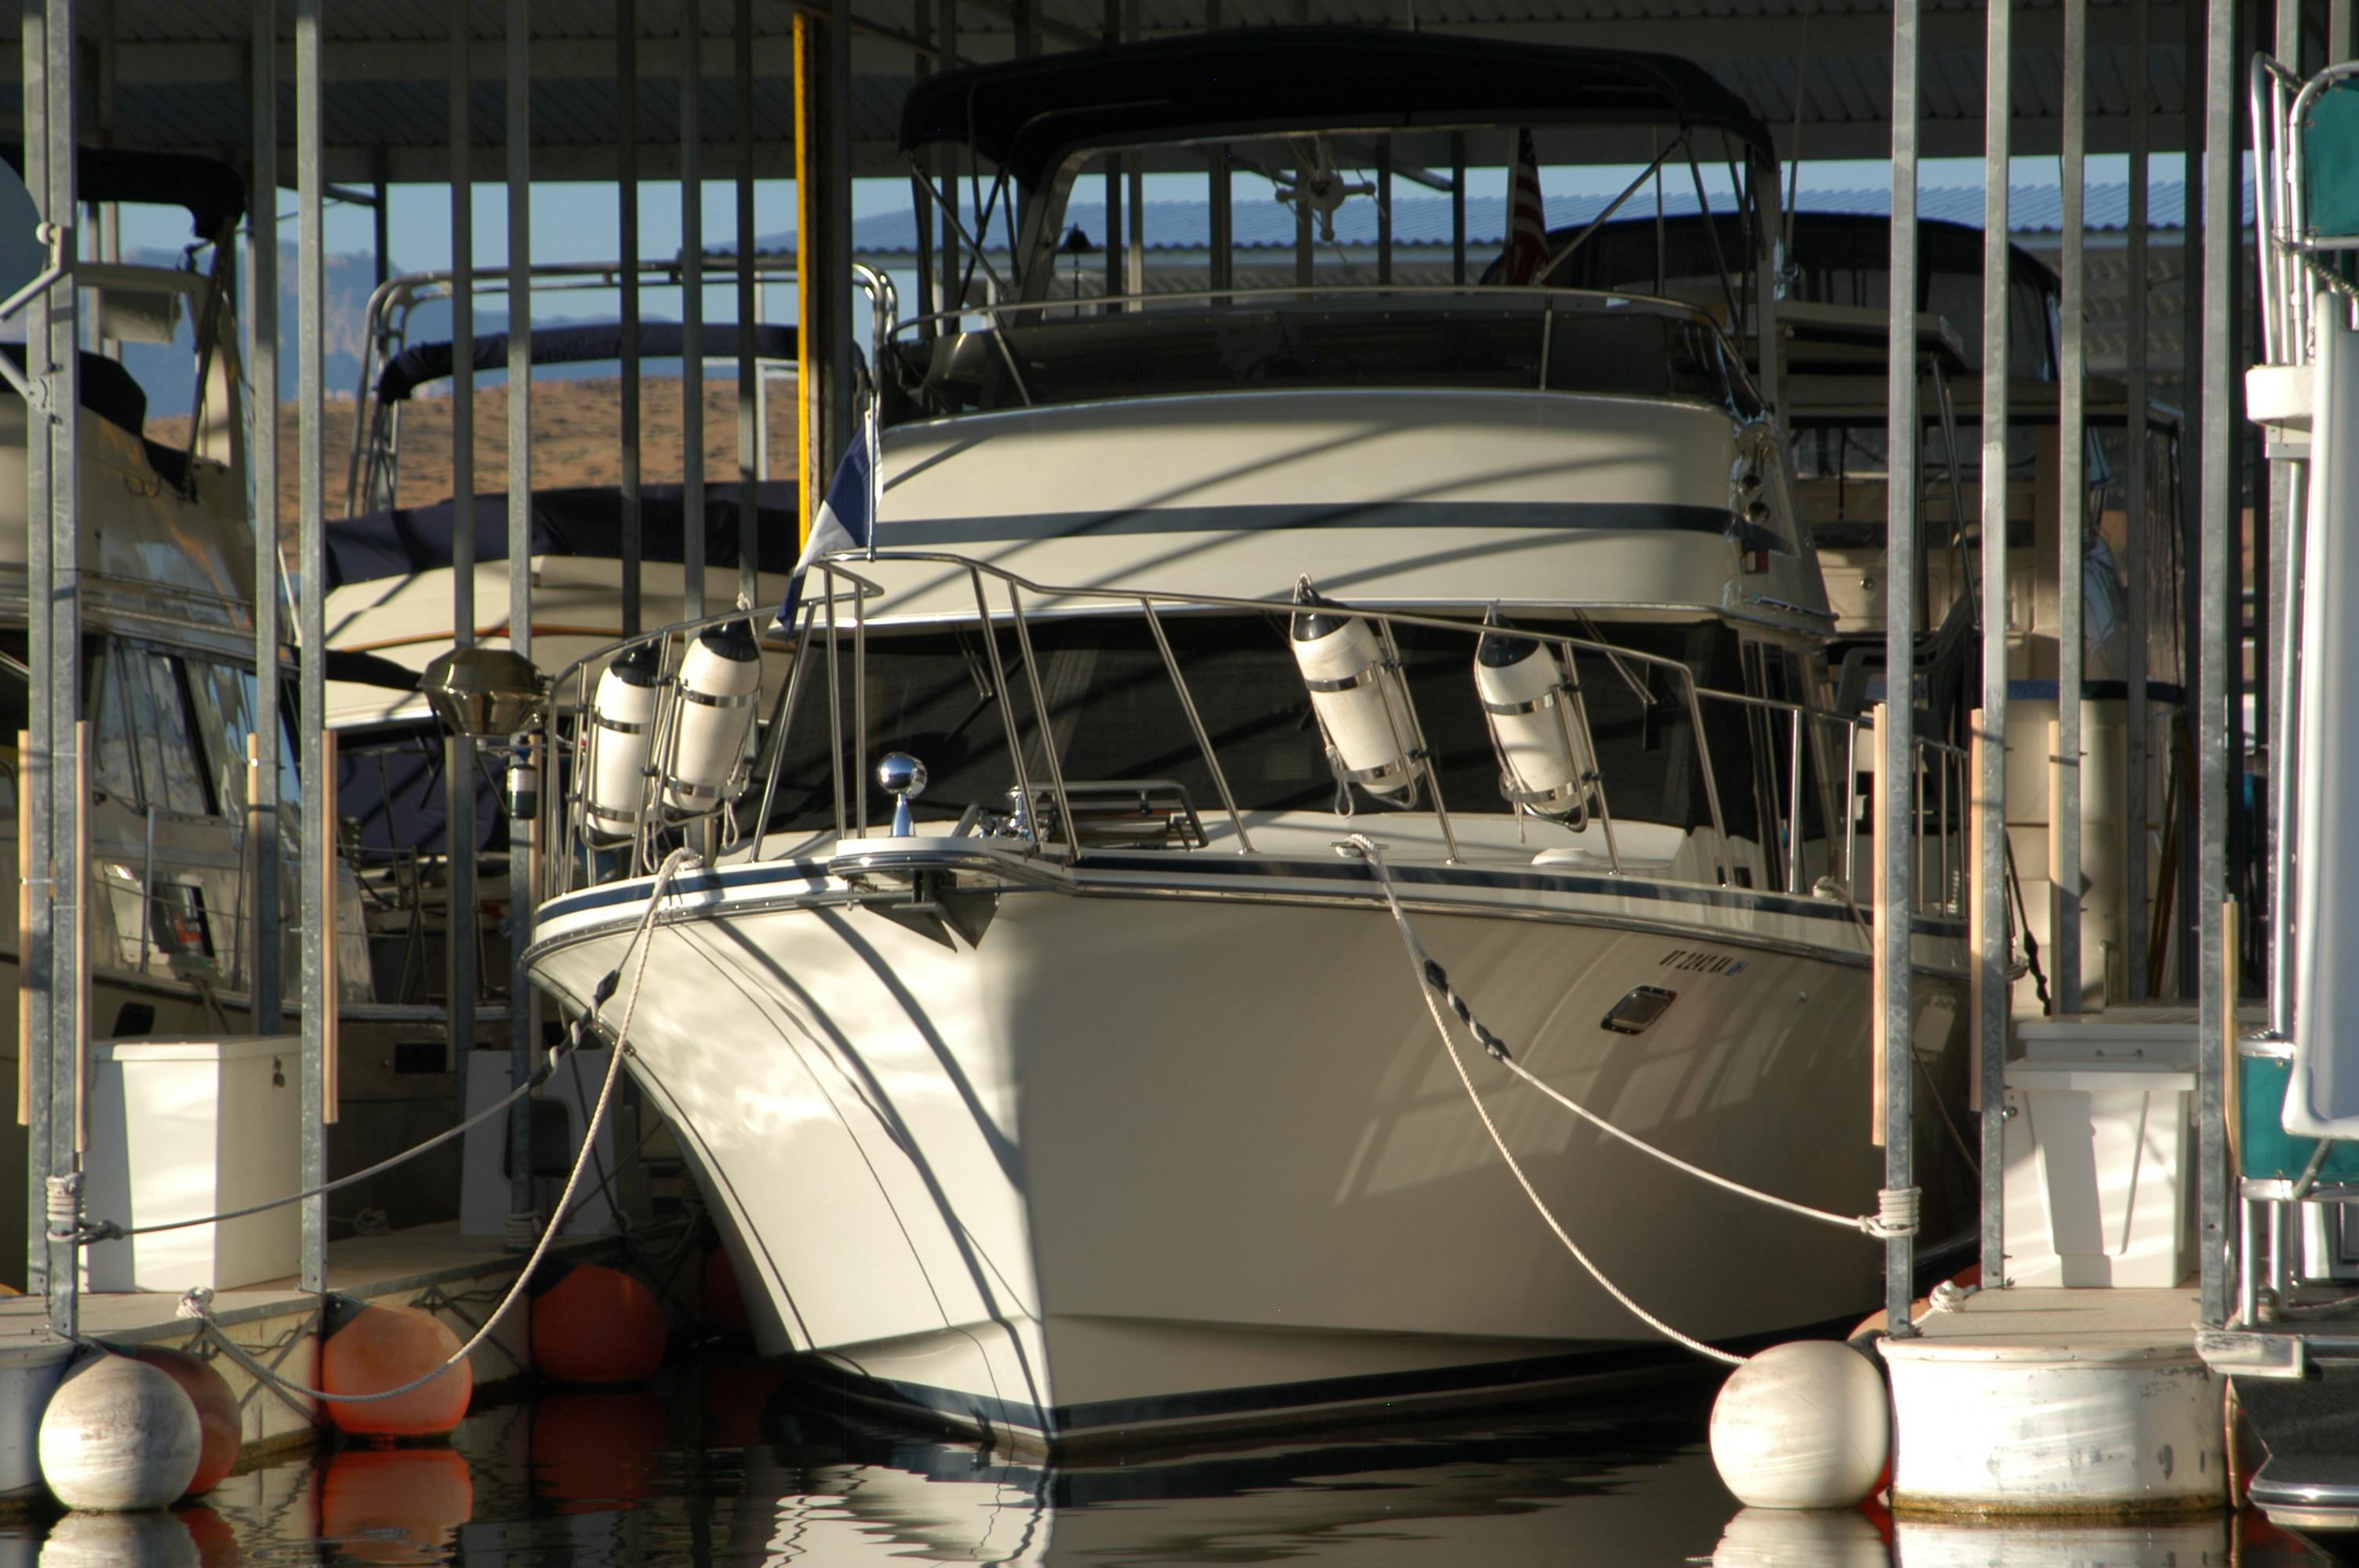 Motor Yacht Boatel for 6 people Barcelona Spain